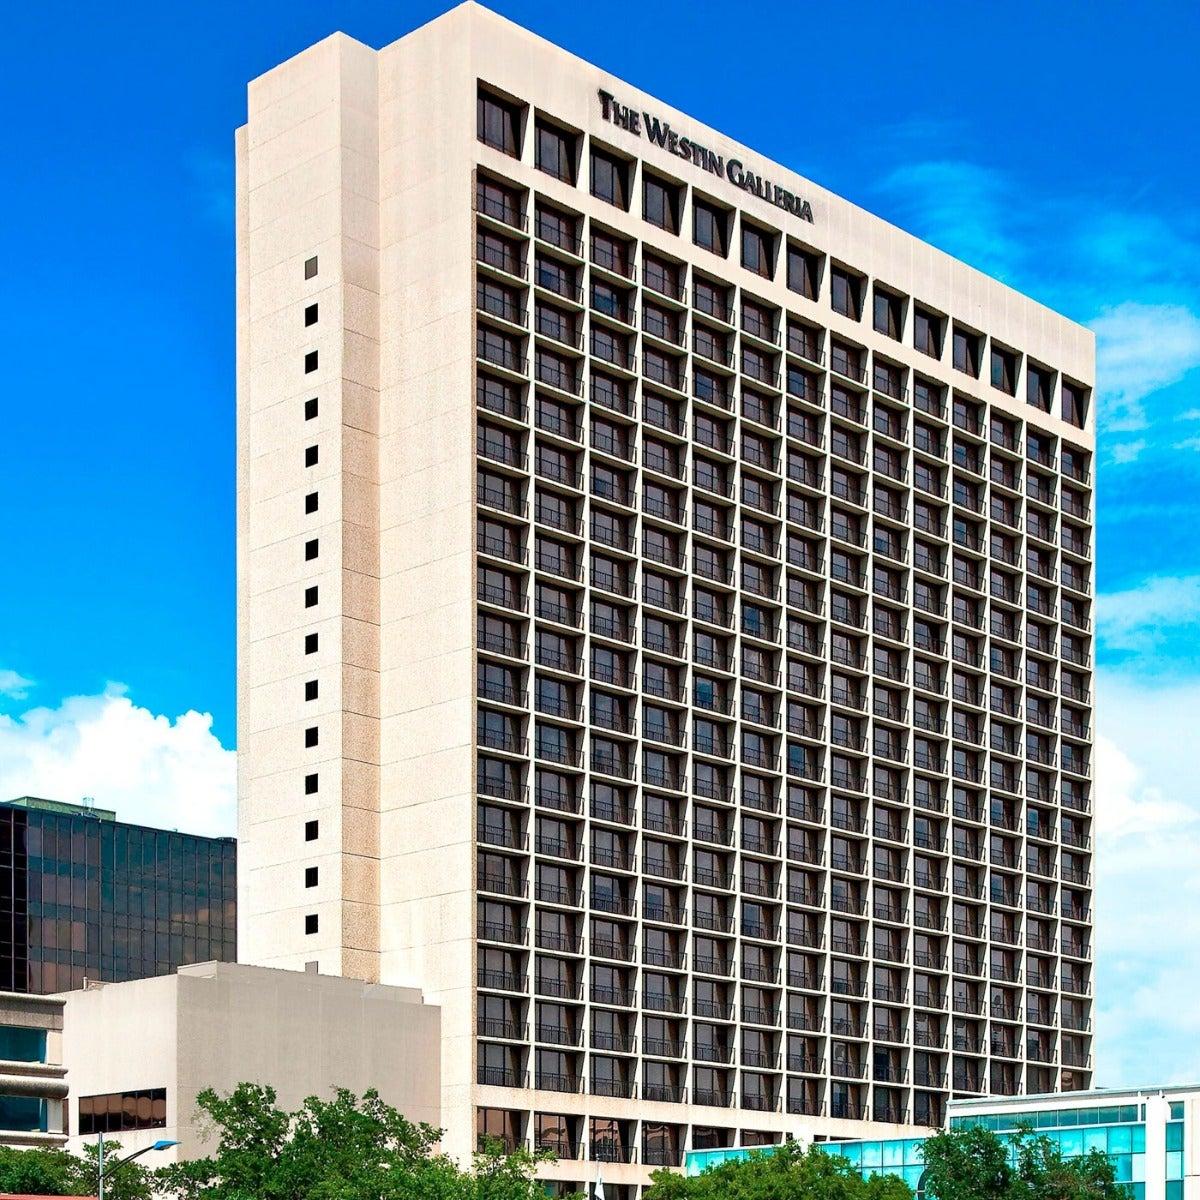 Westin Galleria - Houston, Texas